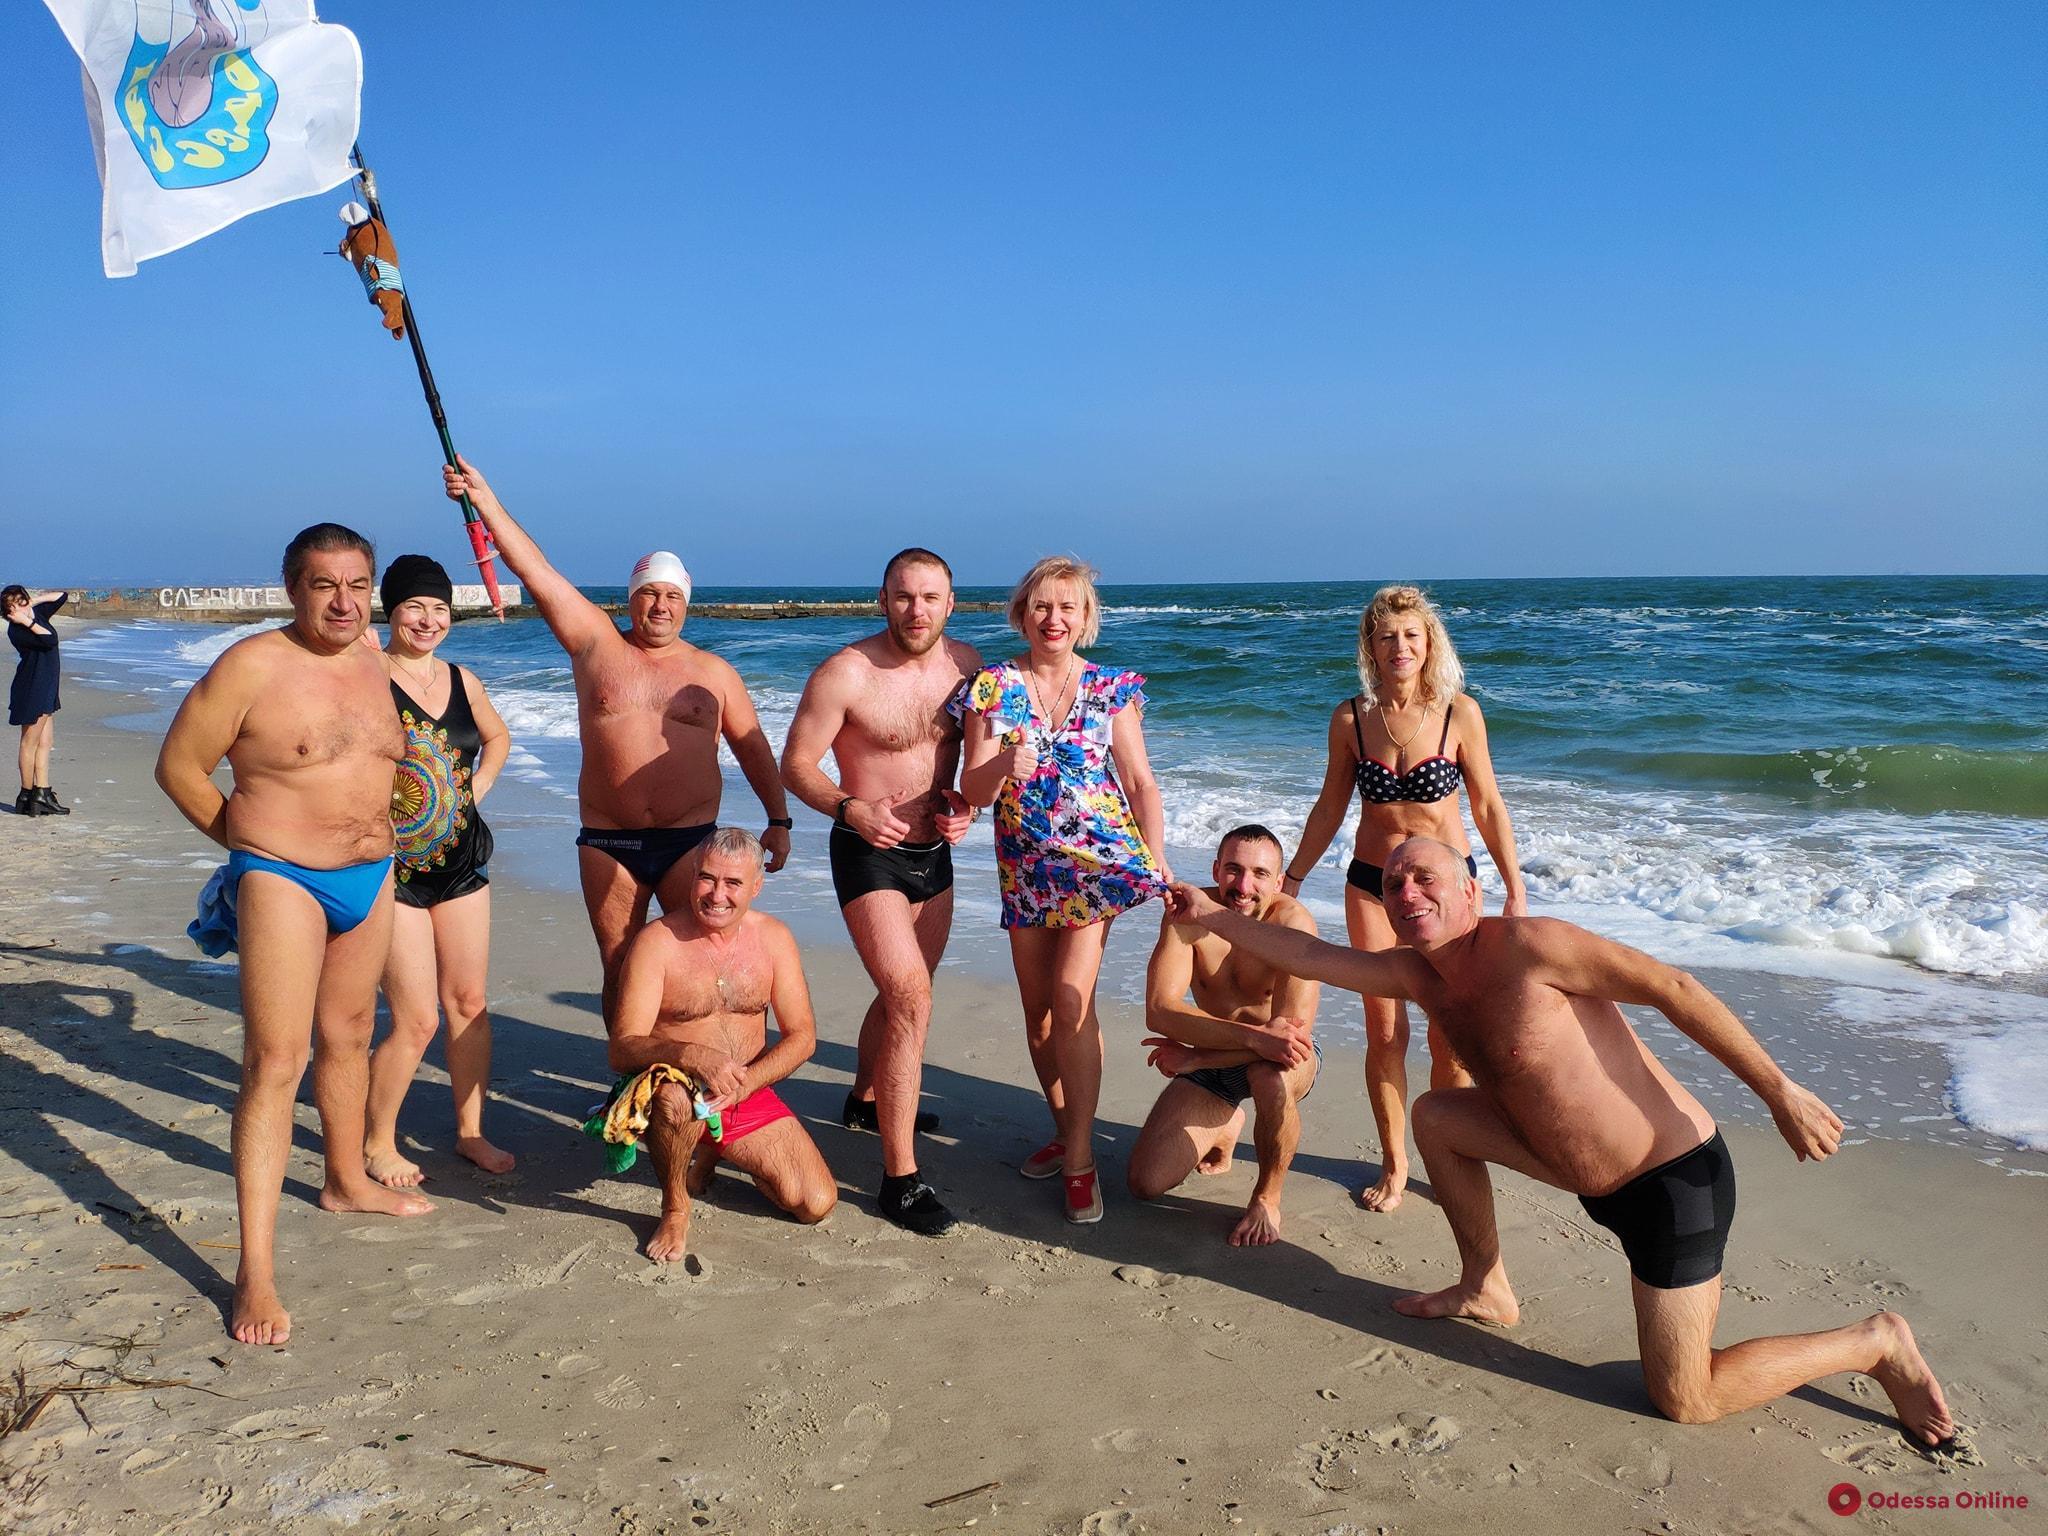 Одесские «моржи» устроили морской заплыв (фото)